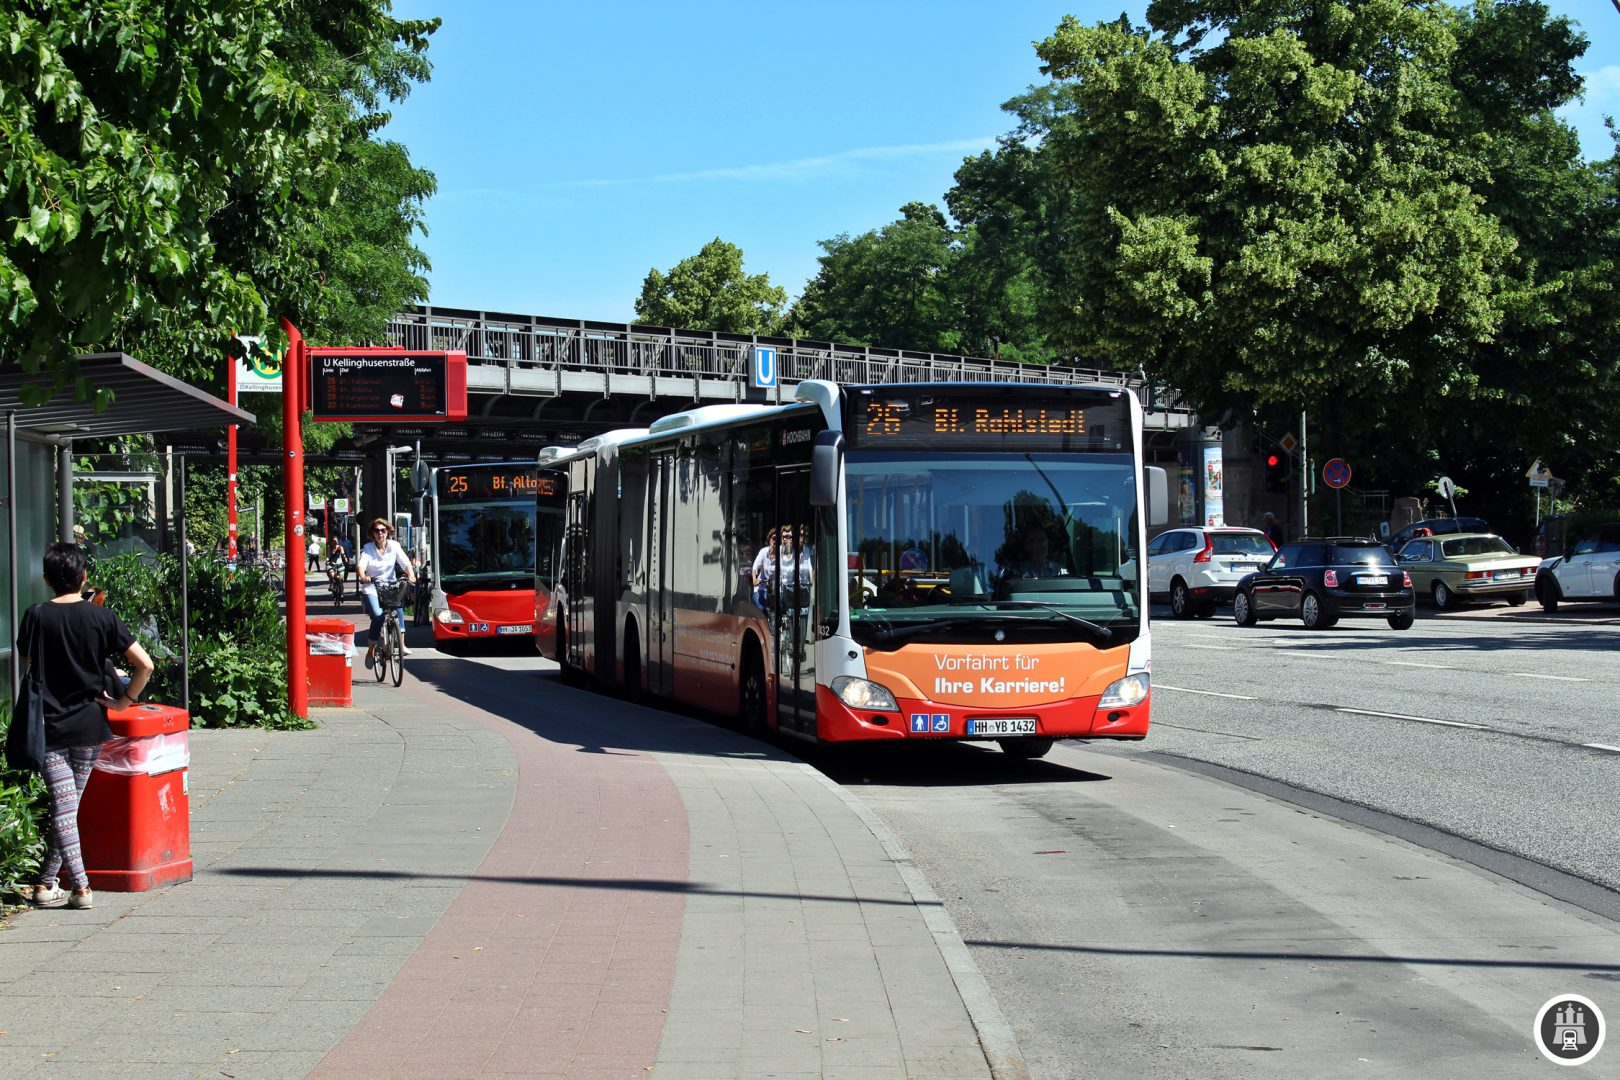 (Hier an der Kellinghusenstraße warten die Busse der 26 gemeinsam mit der Linie 22 auf die Abfahrt.)